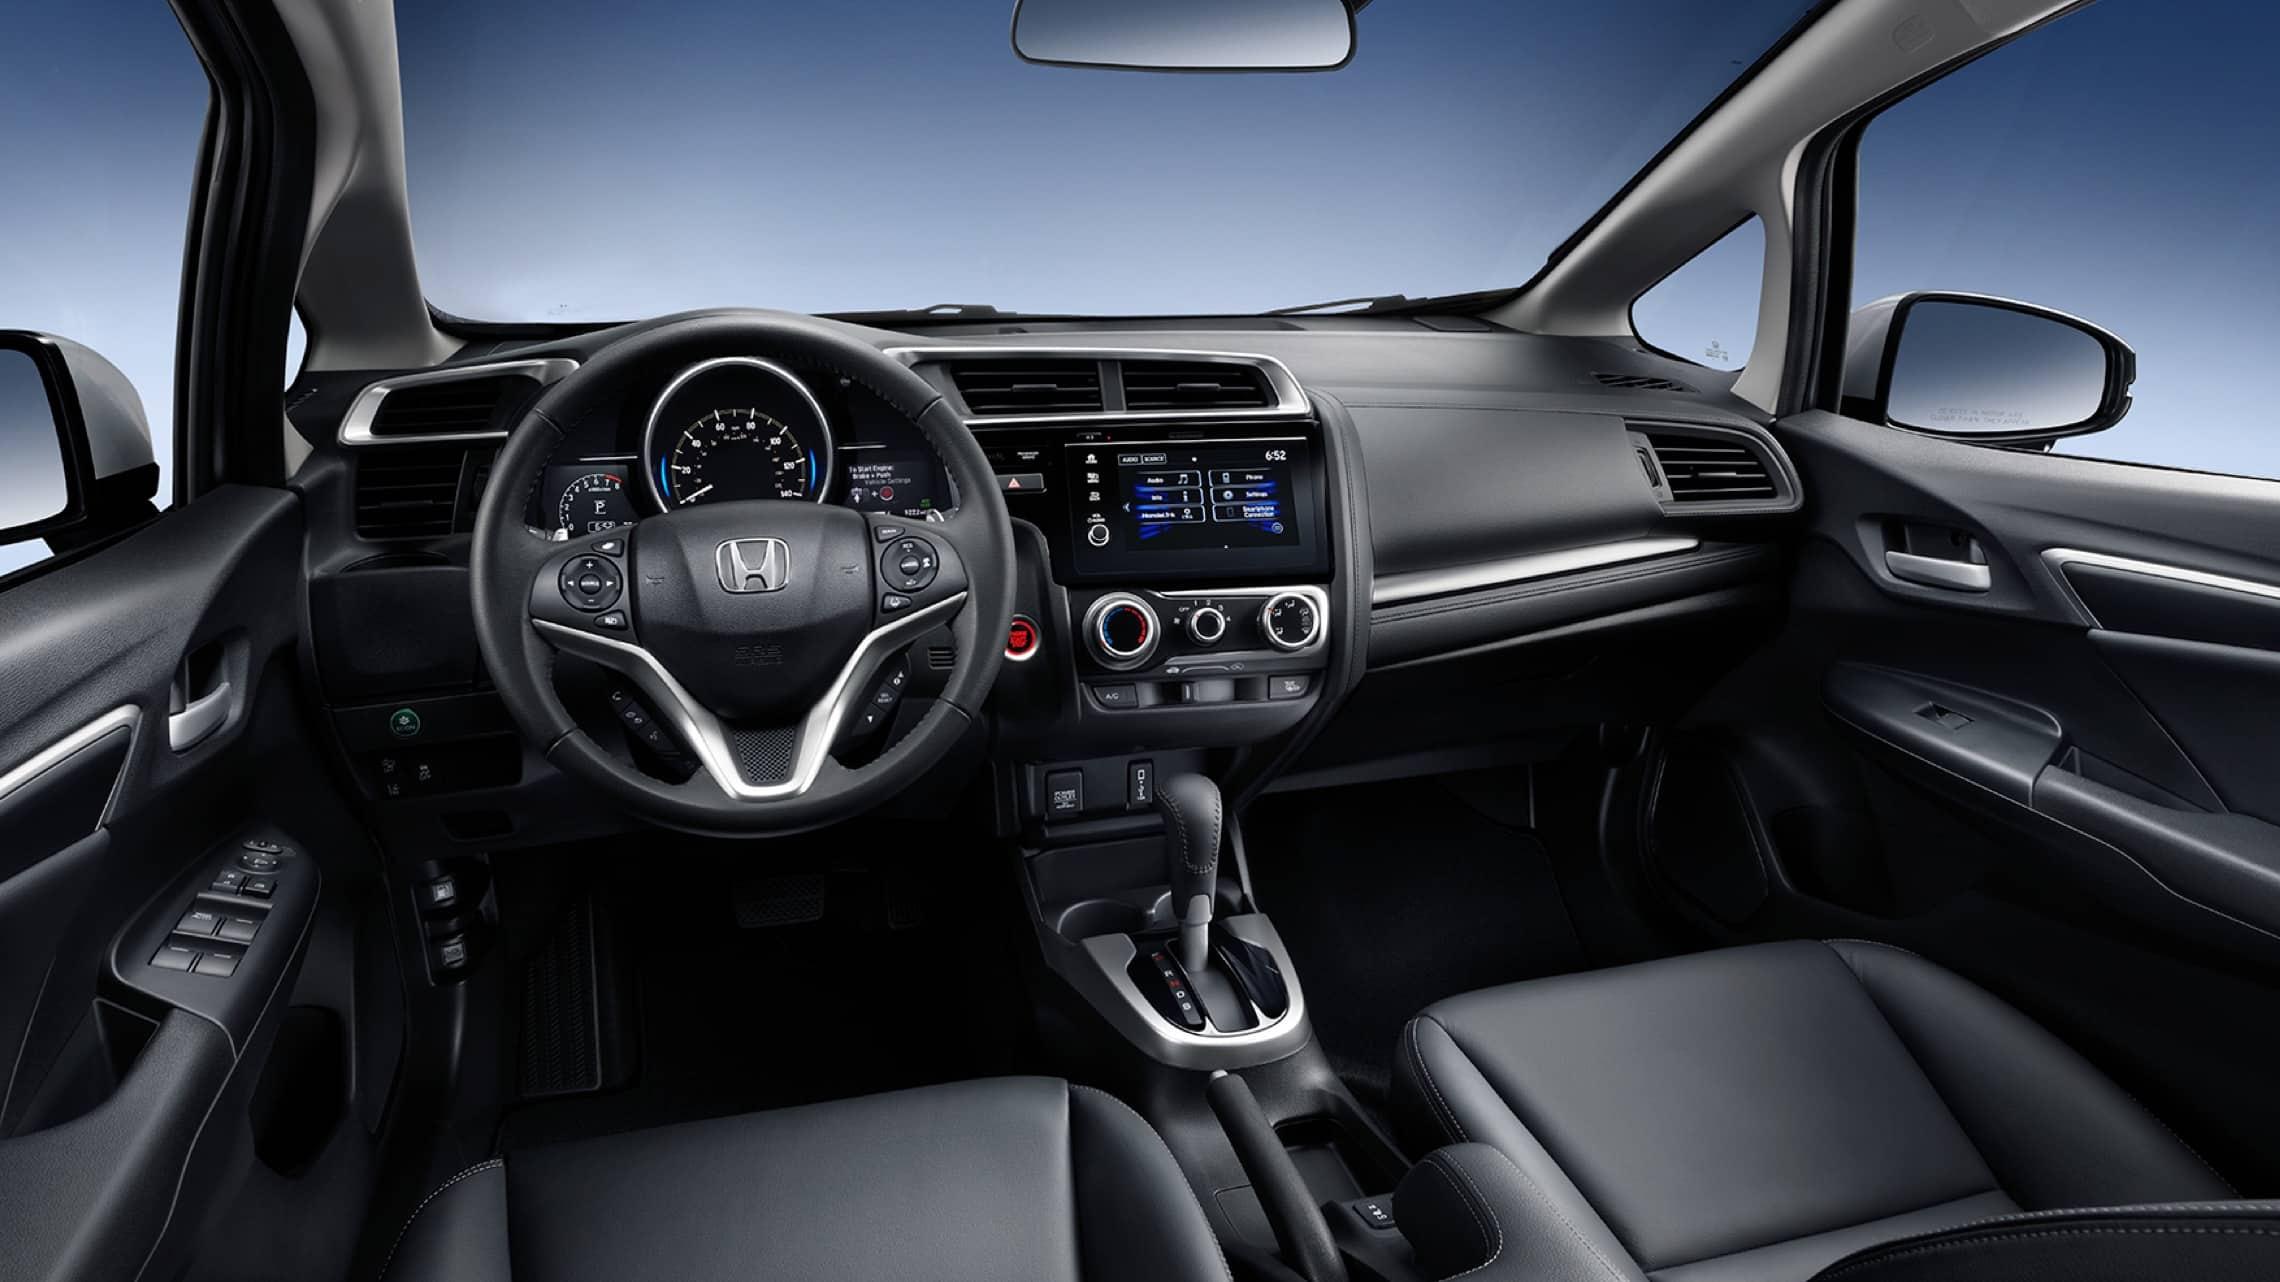 Detalle del volante tapizado en cuero del Honda Fit EX-L2020 en Black Leather.